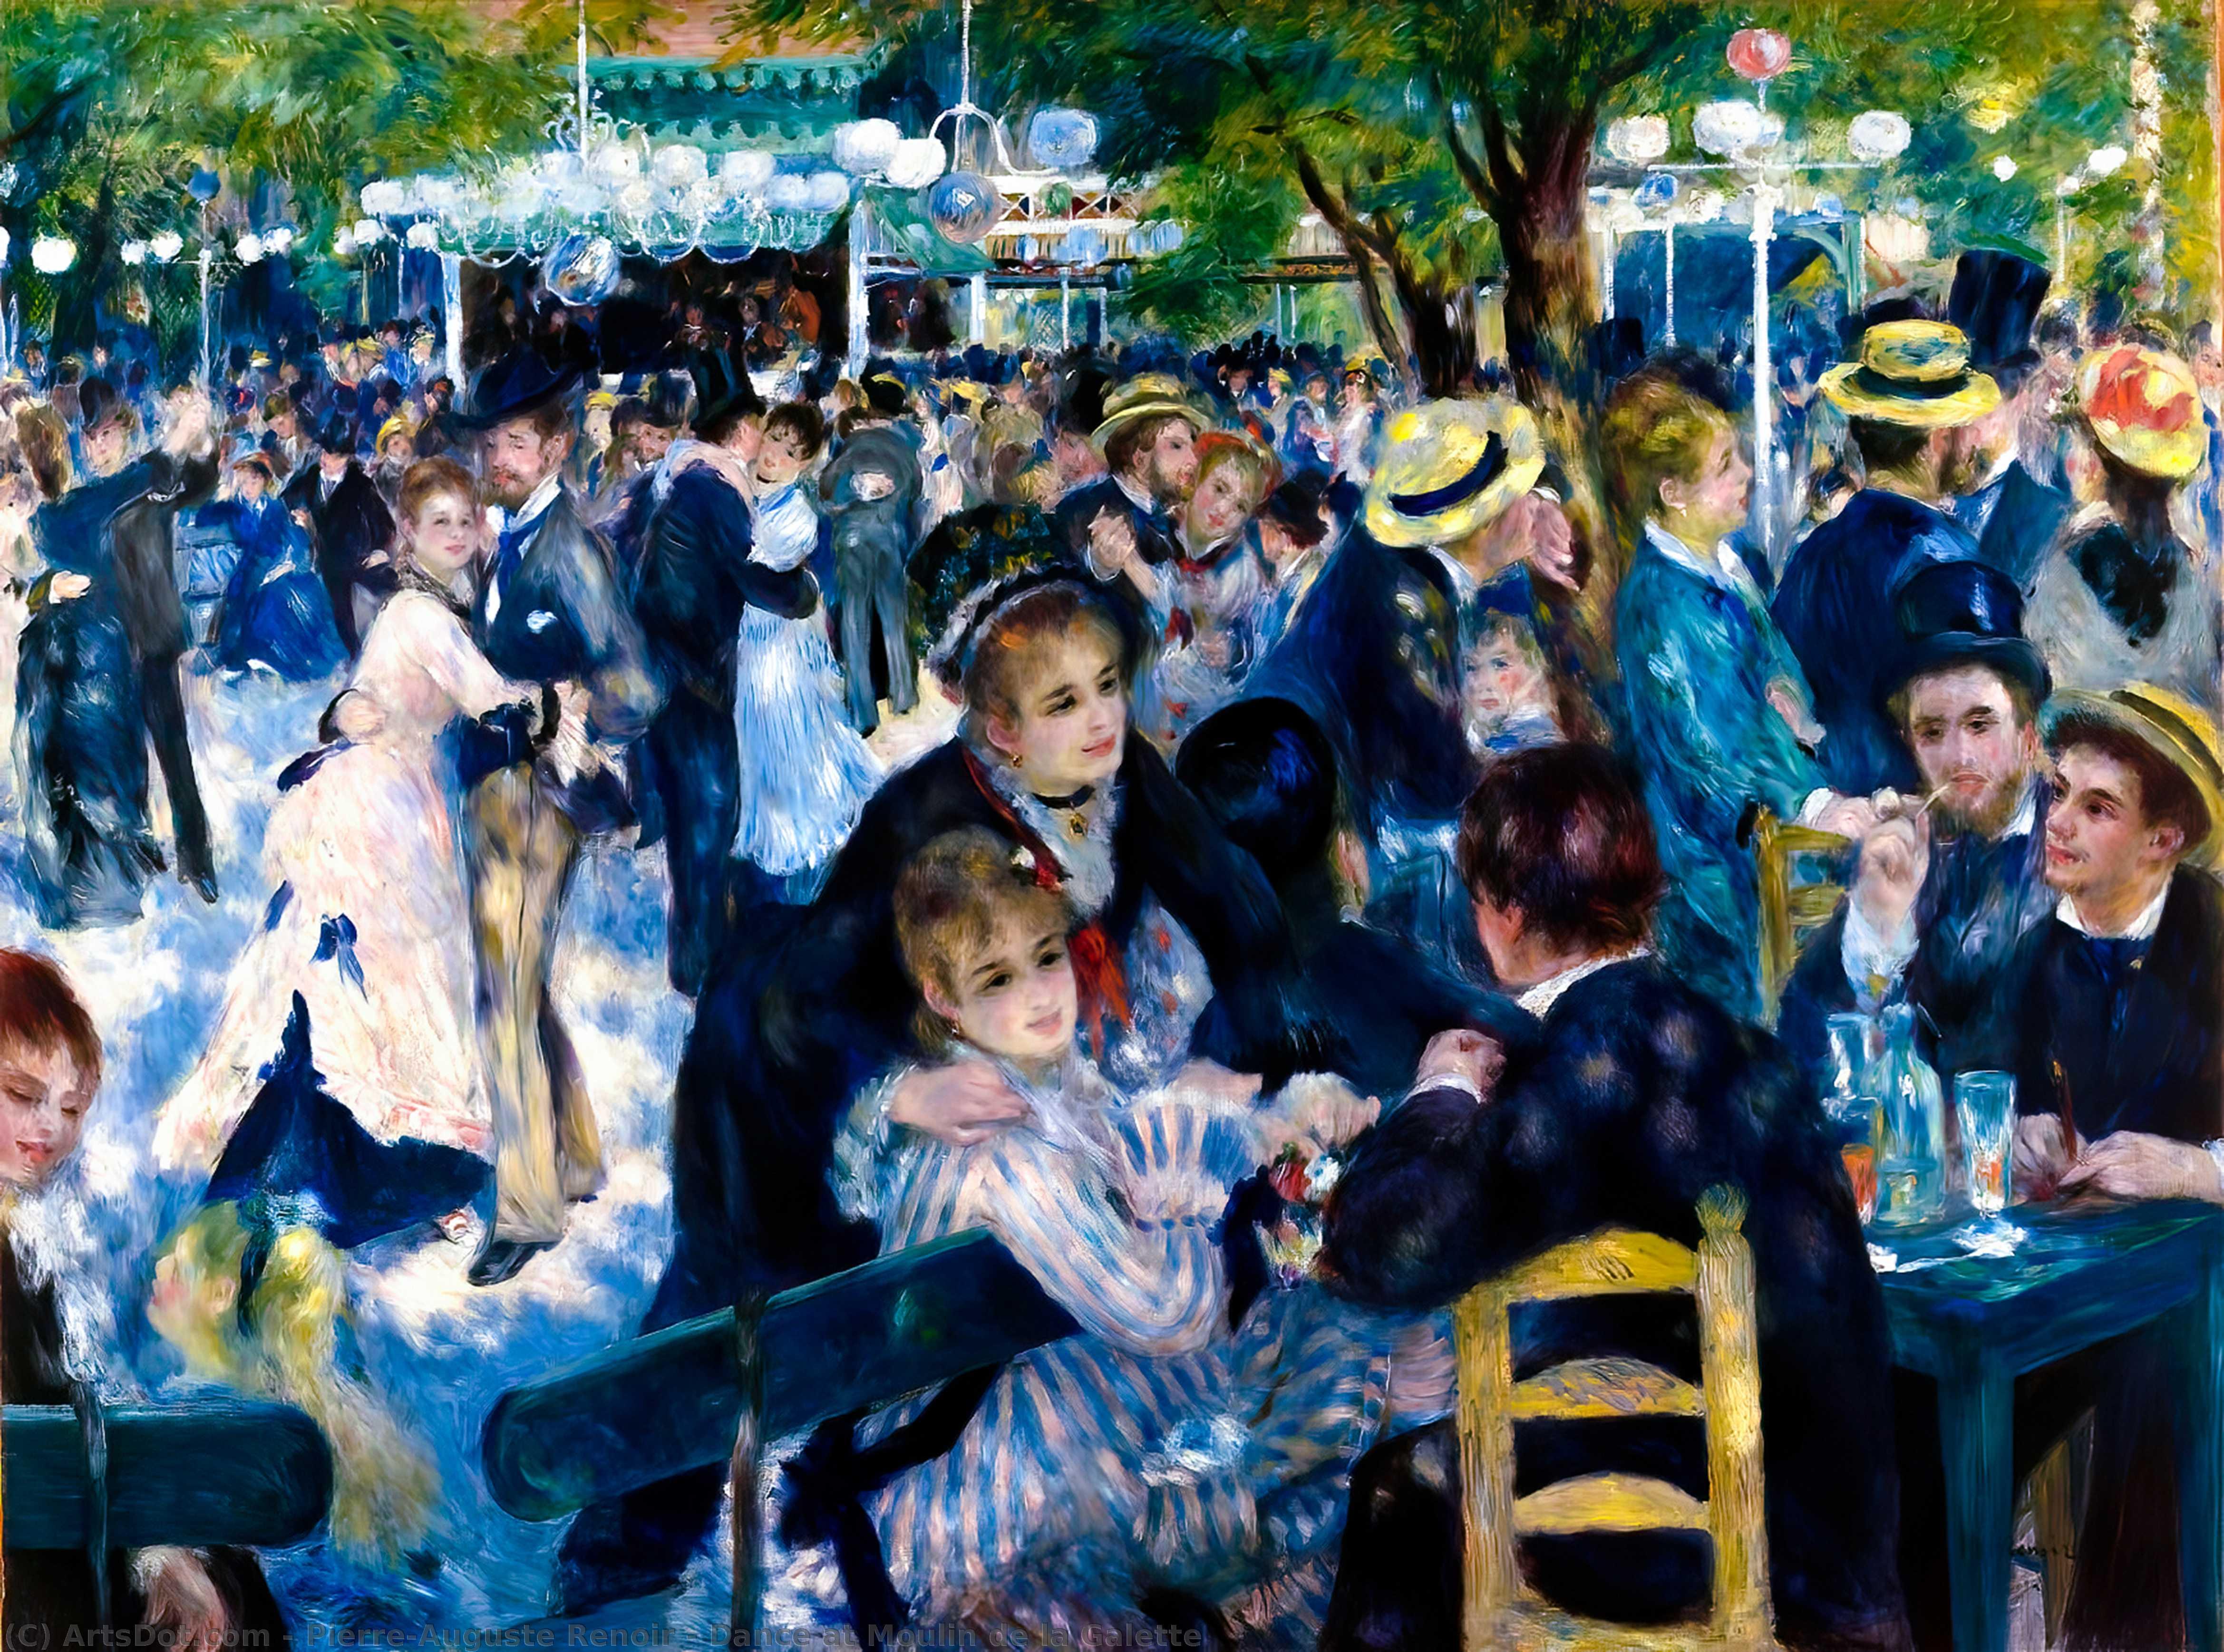 WikiOO.org - Encyclopedia of Fine Arts - Maleri, Artwork Pierre-Auguste Renoir - Dance at Moulin de la Galette